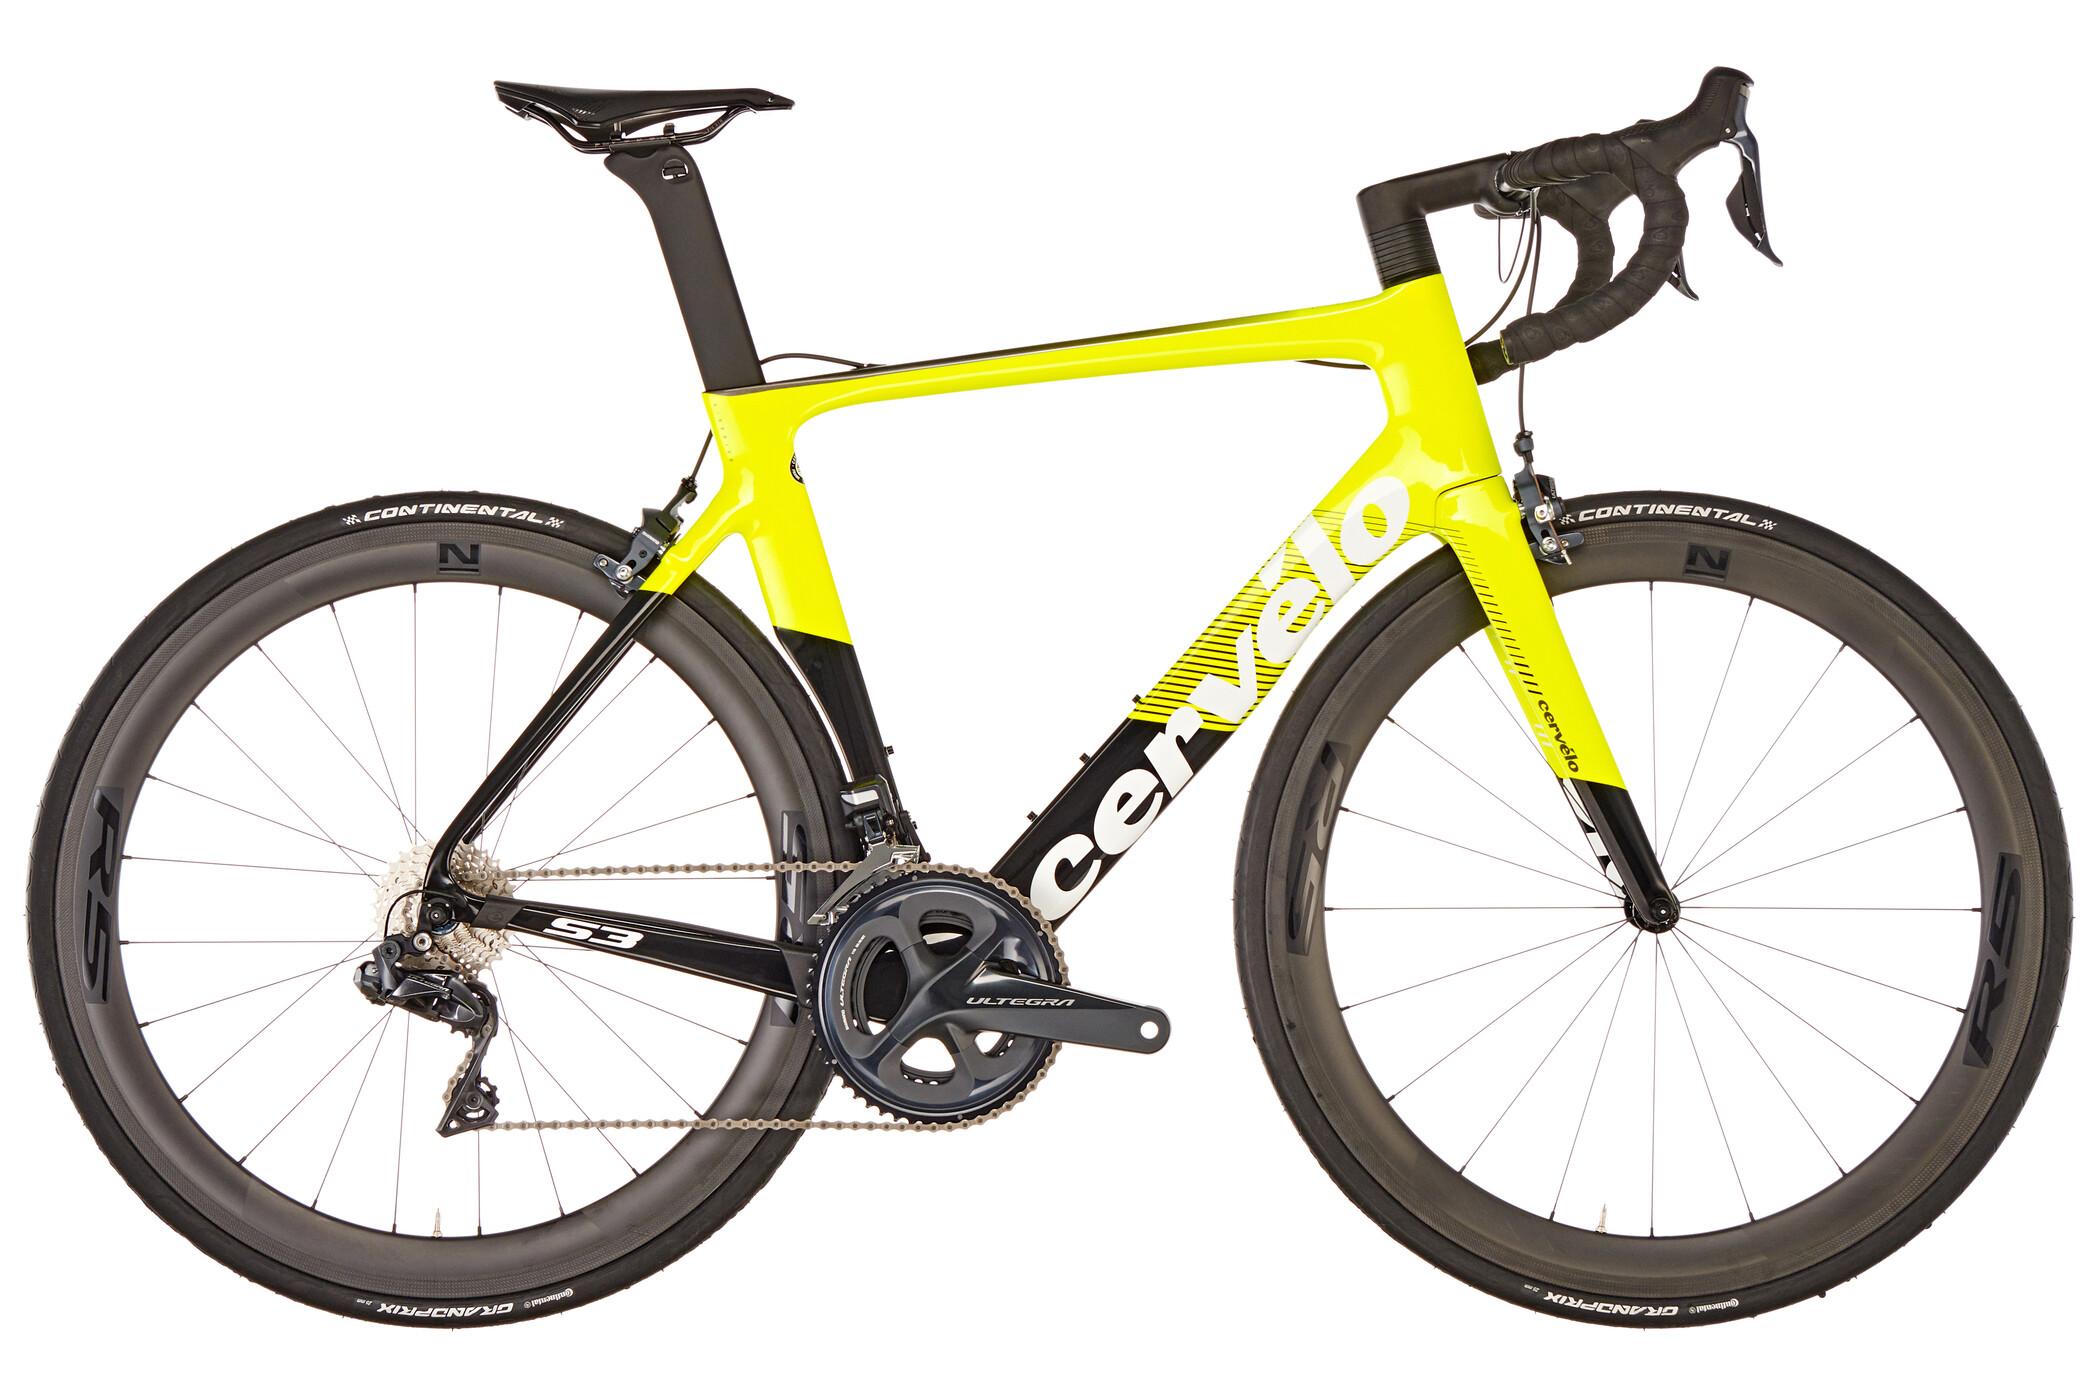 Cervelo S3 Ultegra Di2 8050 Racercykel gul/sort (2019) | Road bikes